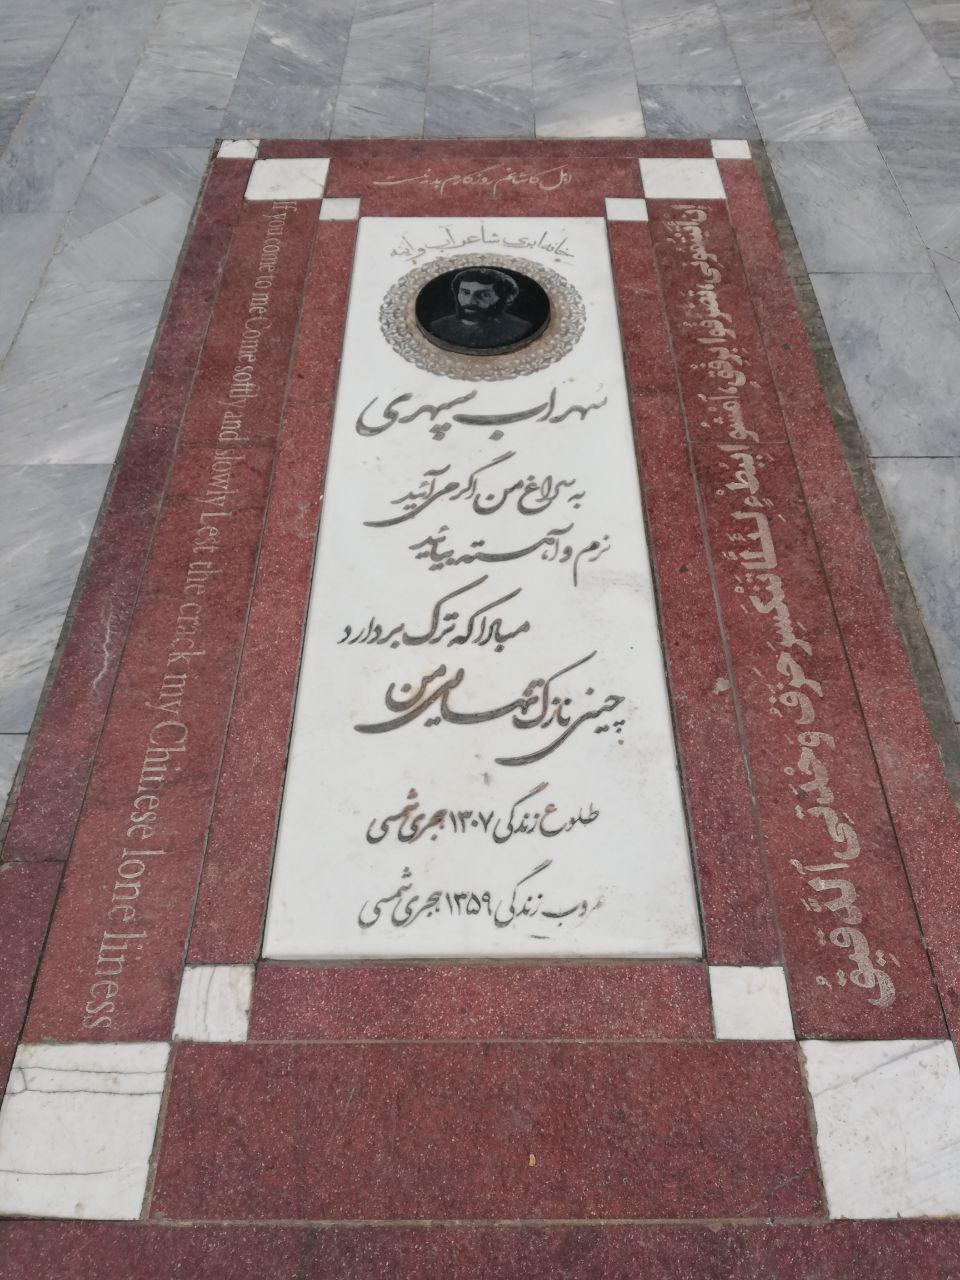 سنگ قبر کنونی سهراب سپهری